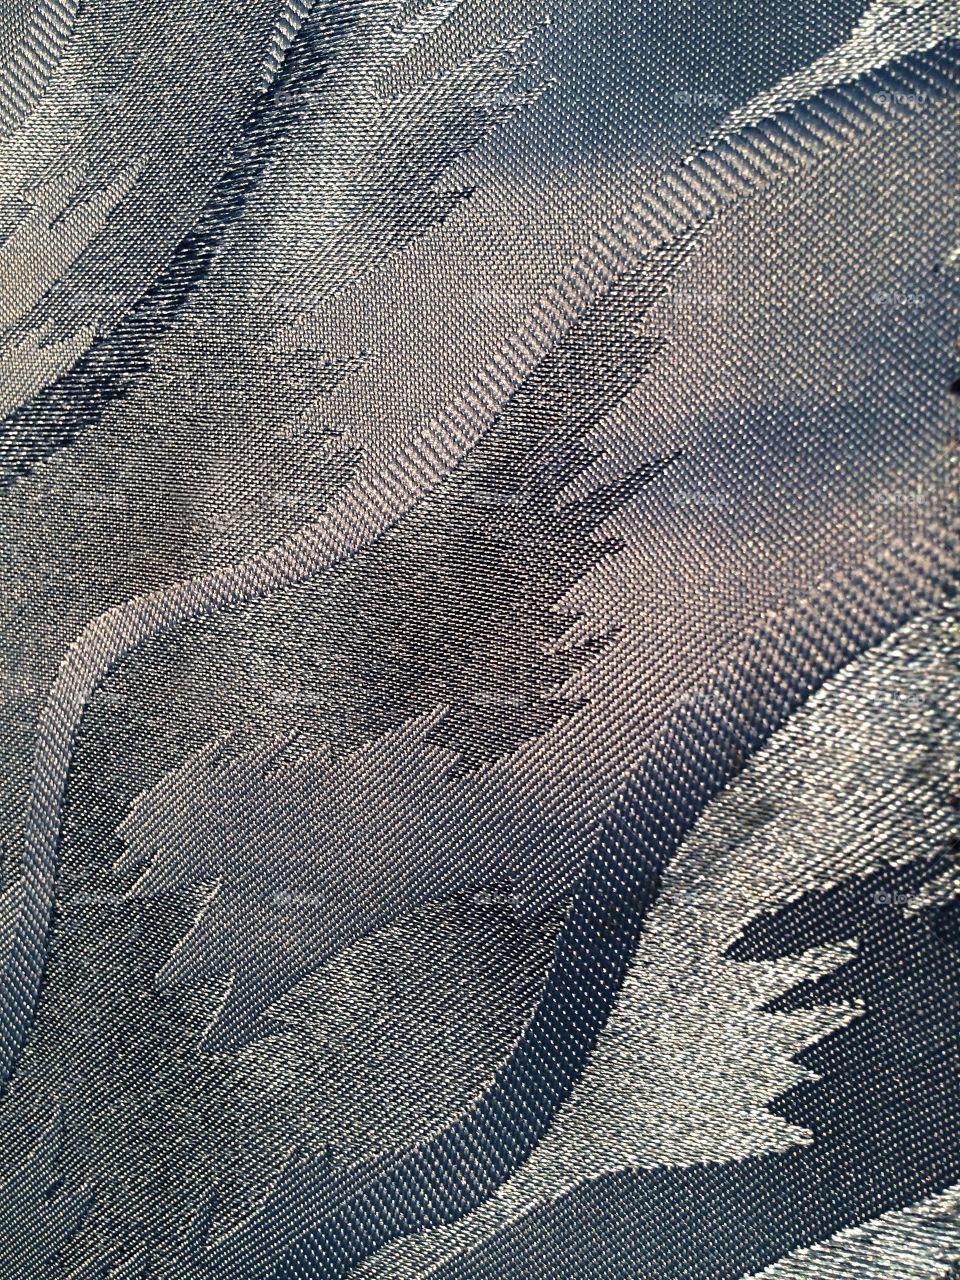 Shiny texture fabric